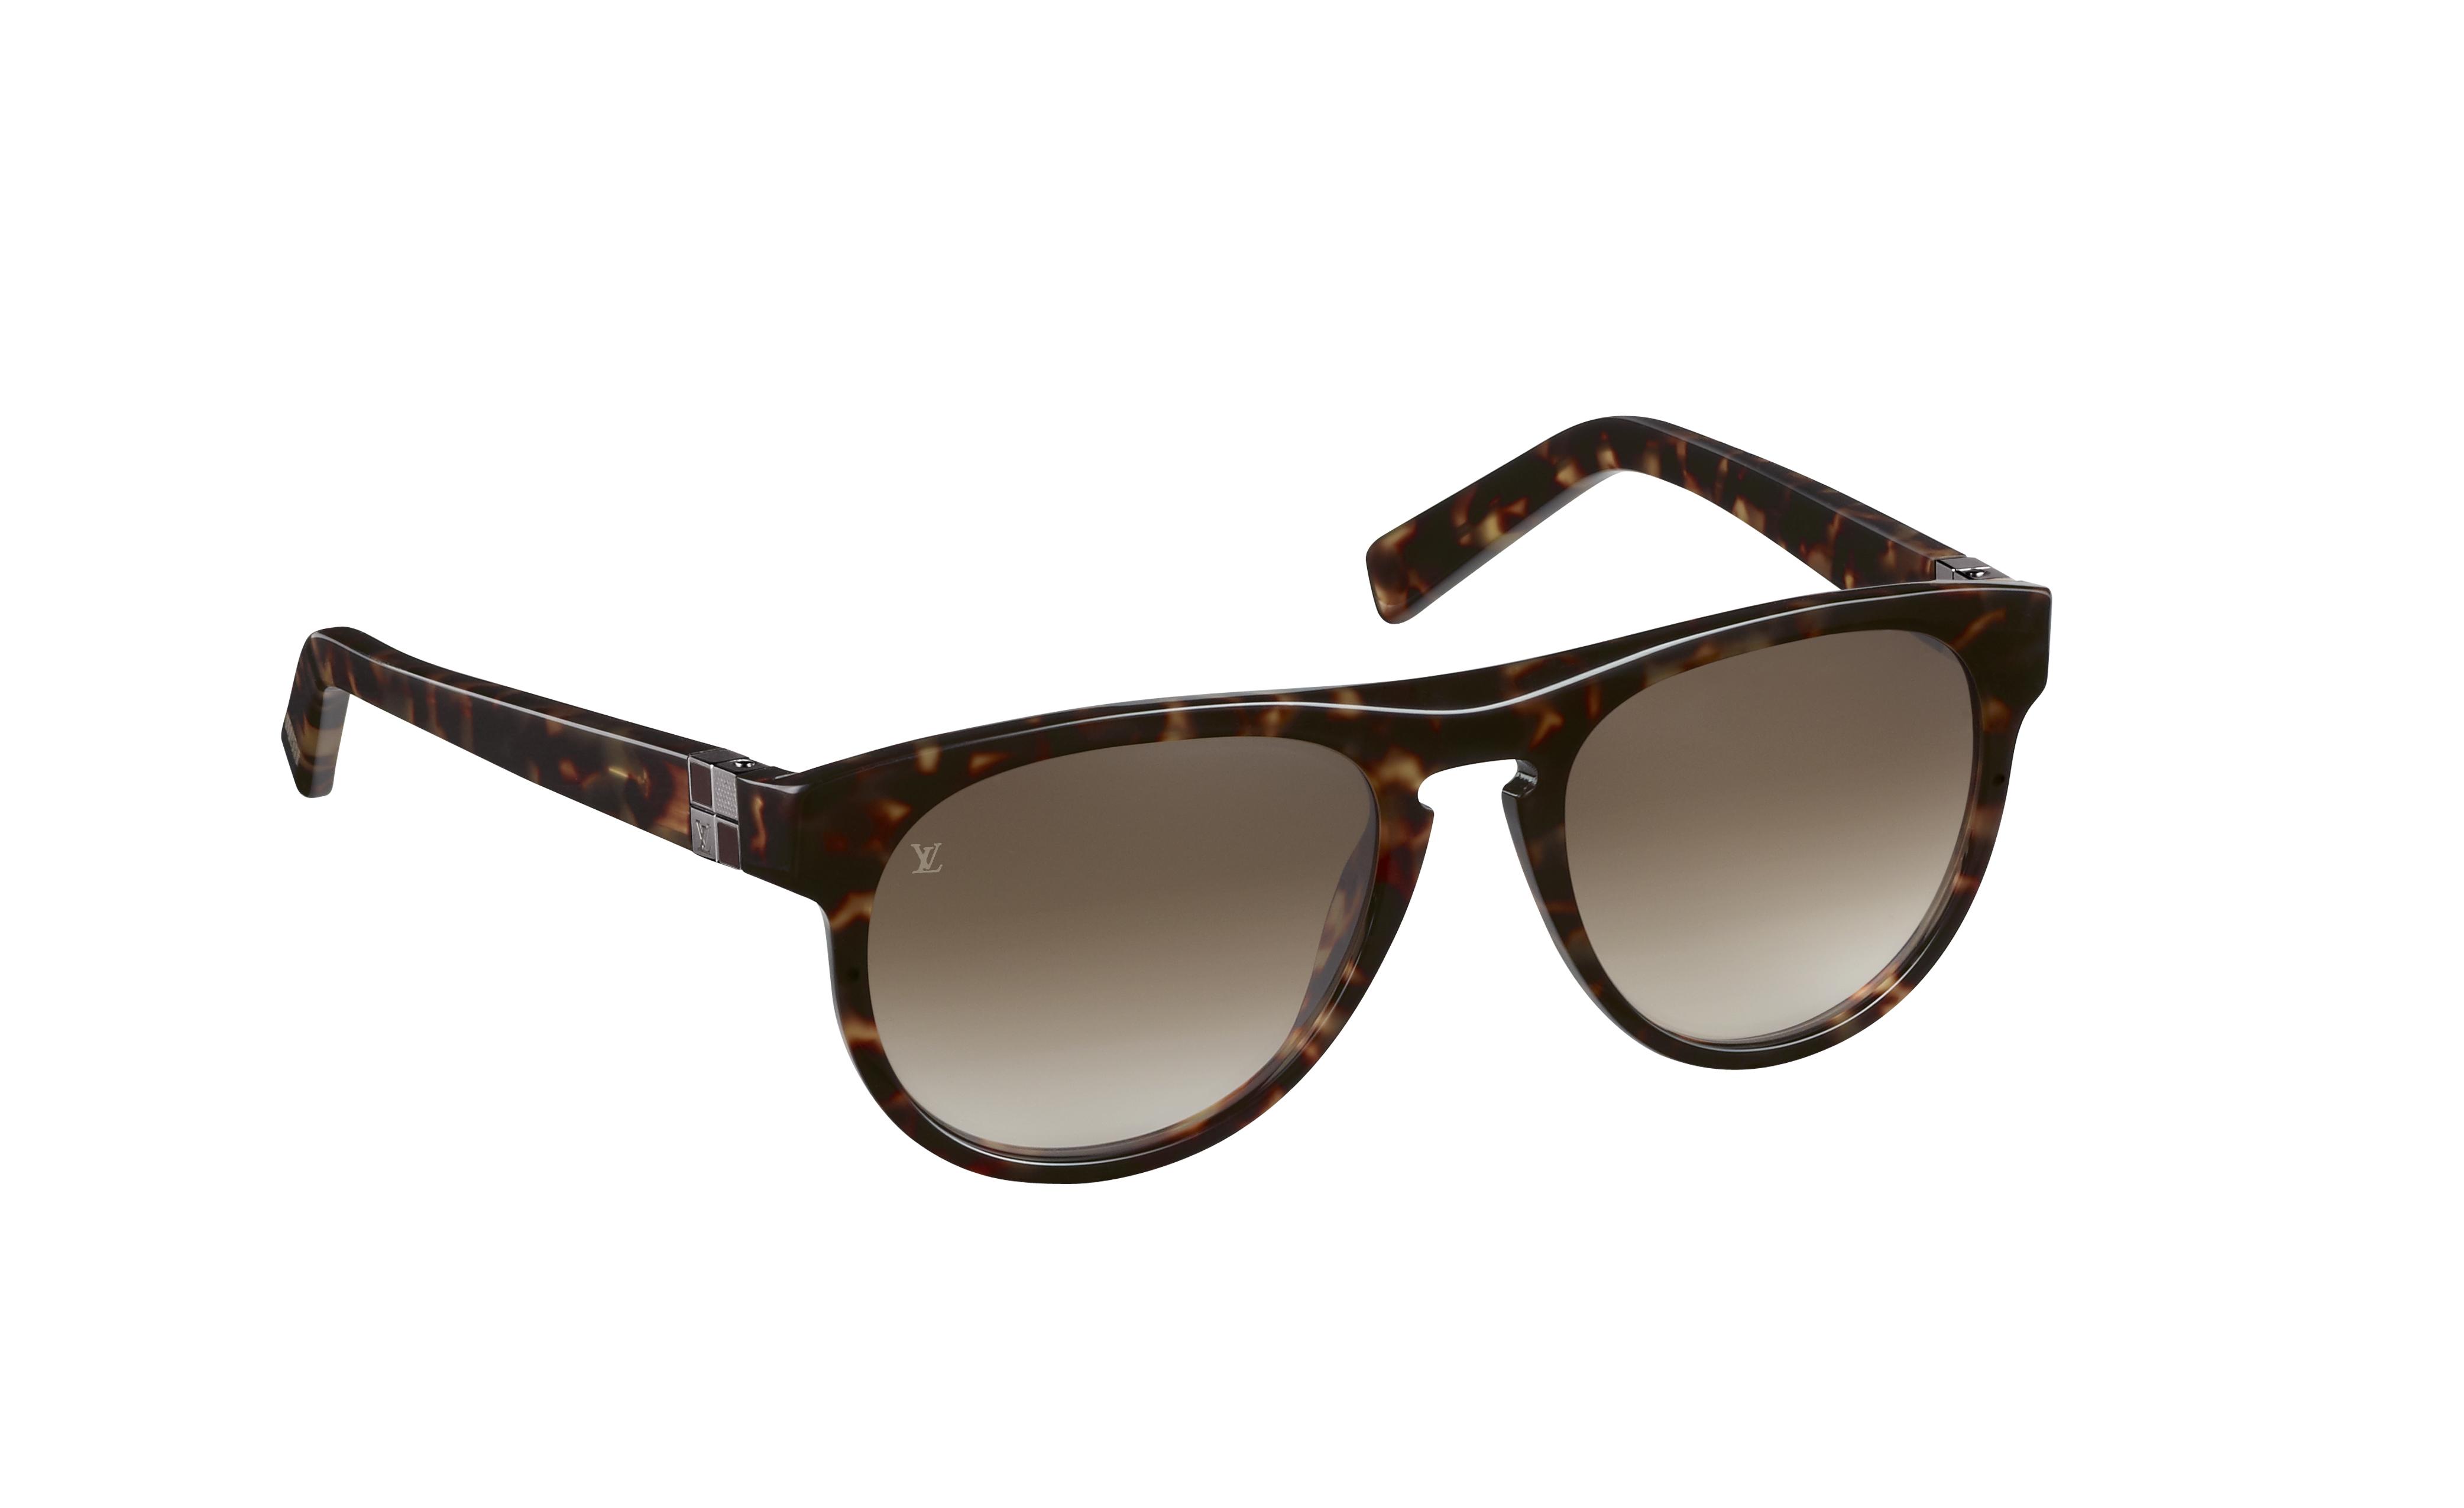 87d73f641d23 Louis Vuitton Oakley Polarized Sunglasses